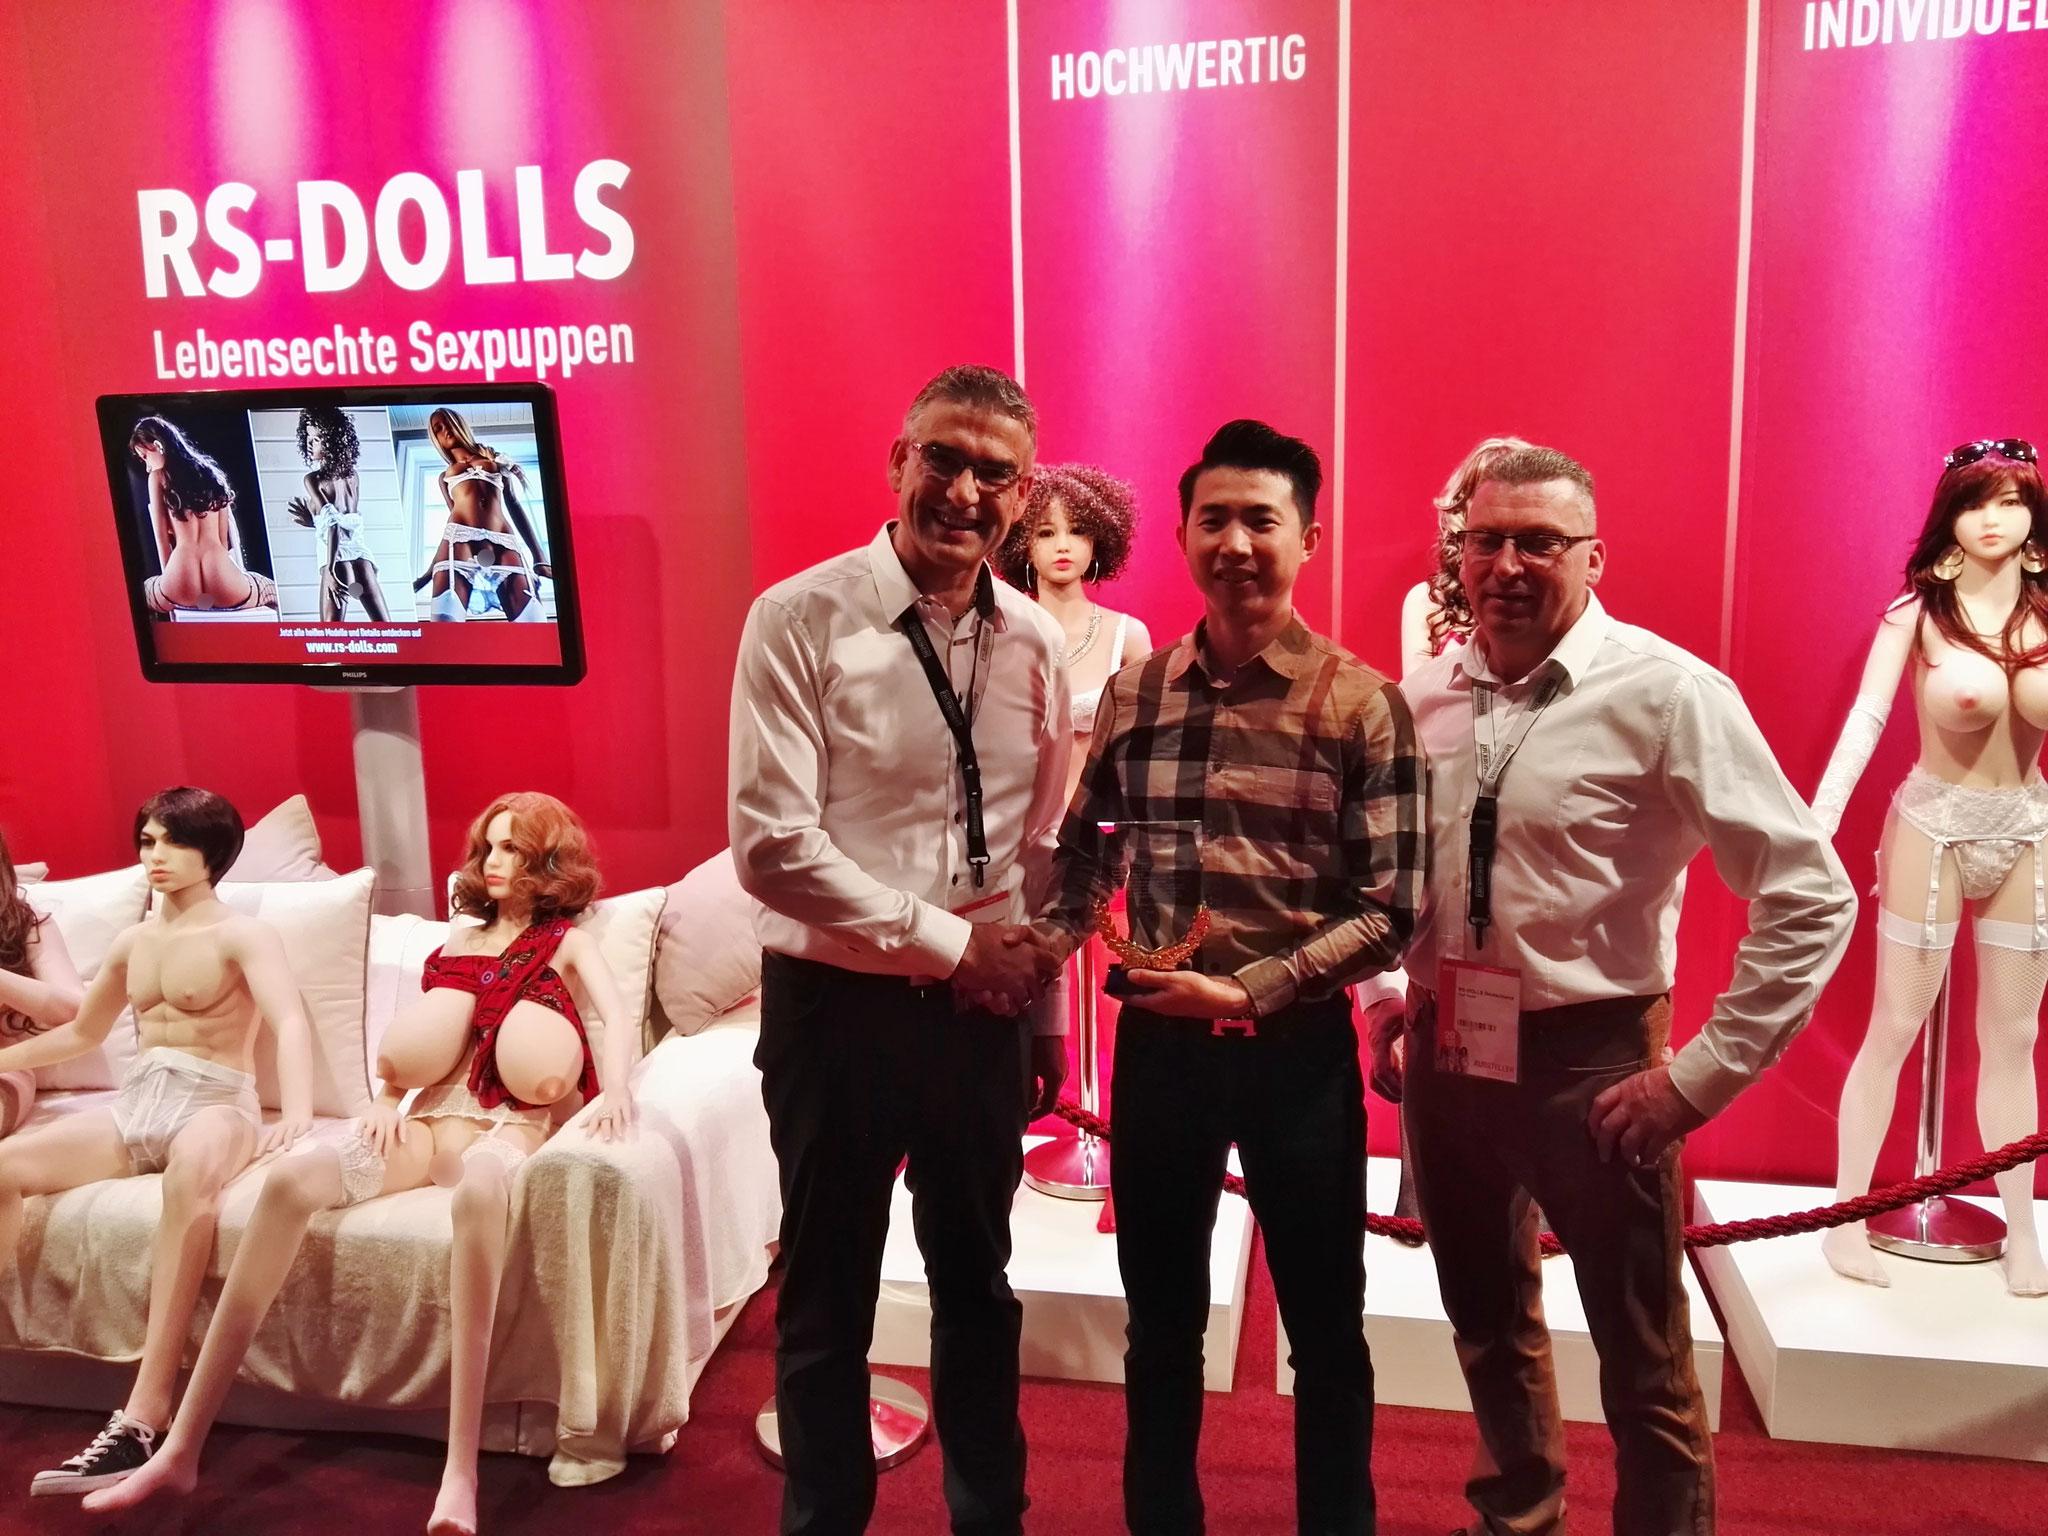 """Hohe Auszeichnung für die beiden RS-DoIIs-Gründer vom wohl größten Hersteller der Welt """"WMDOLL"""""""